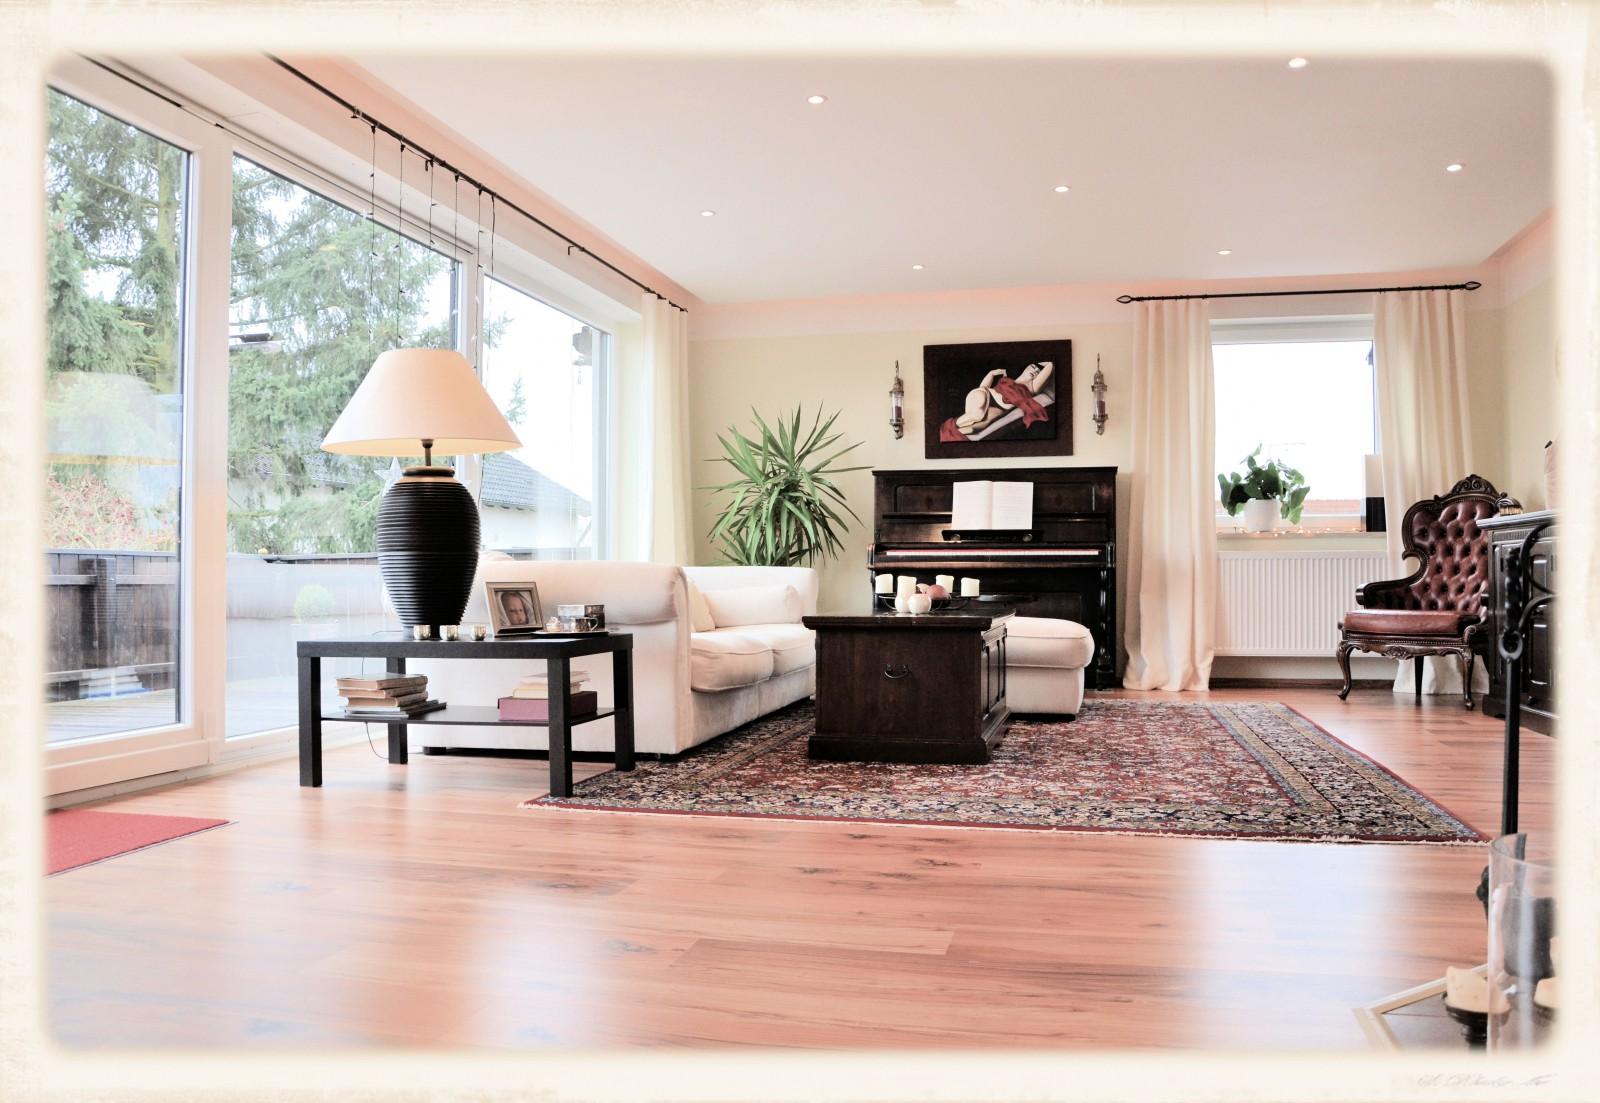 wohnzimmer 'wohnzimmer' - villa kunterbunt - zimmerschau - Wohnzimmer Klassisch Einrichten